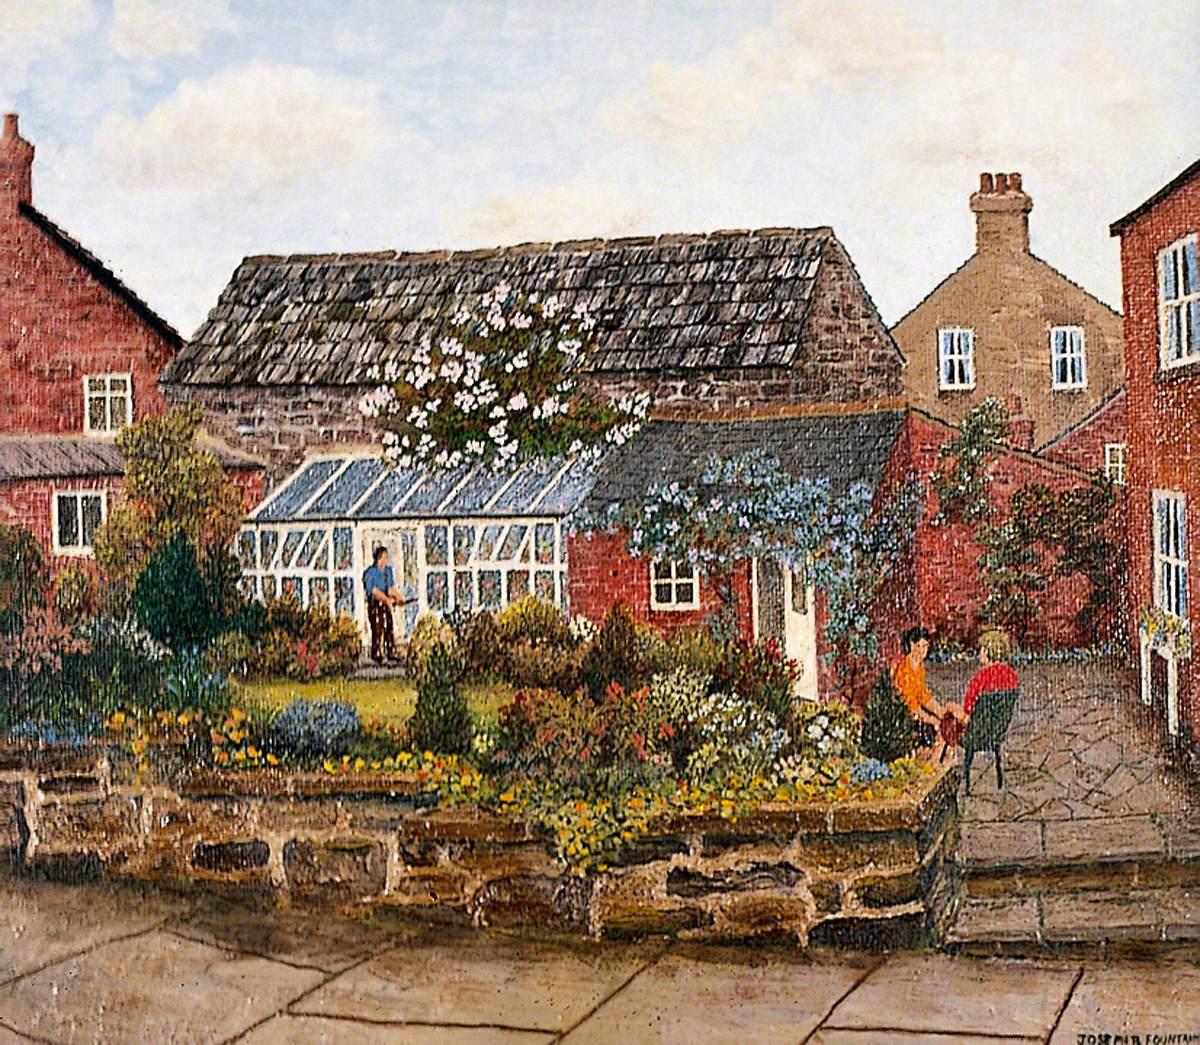 Finkle Street Garden